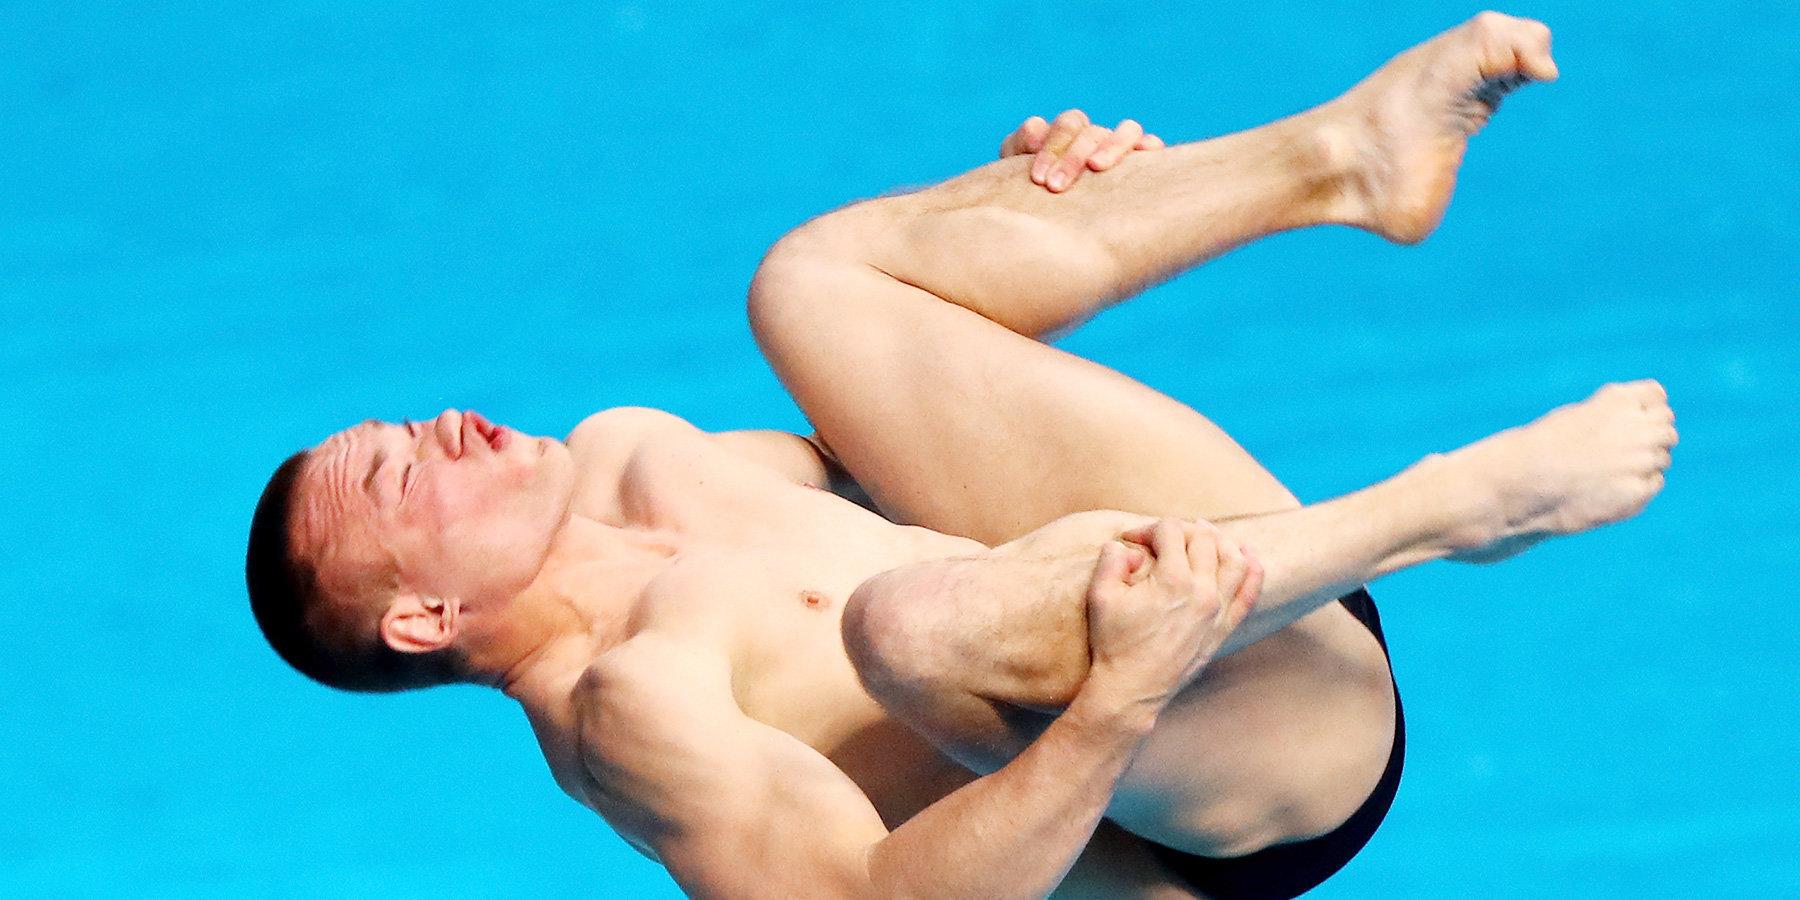 Пензенский спортсмен стал дважды чемпионом Европы по прыжкам в воду